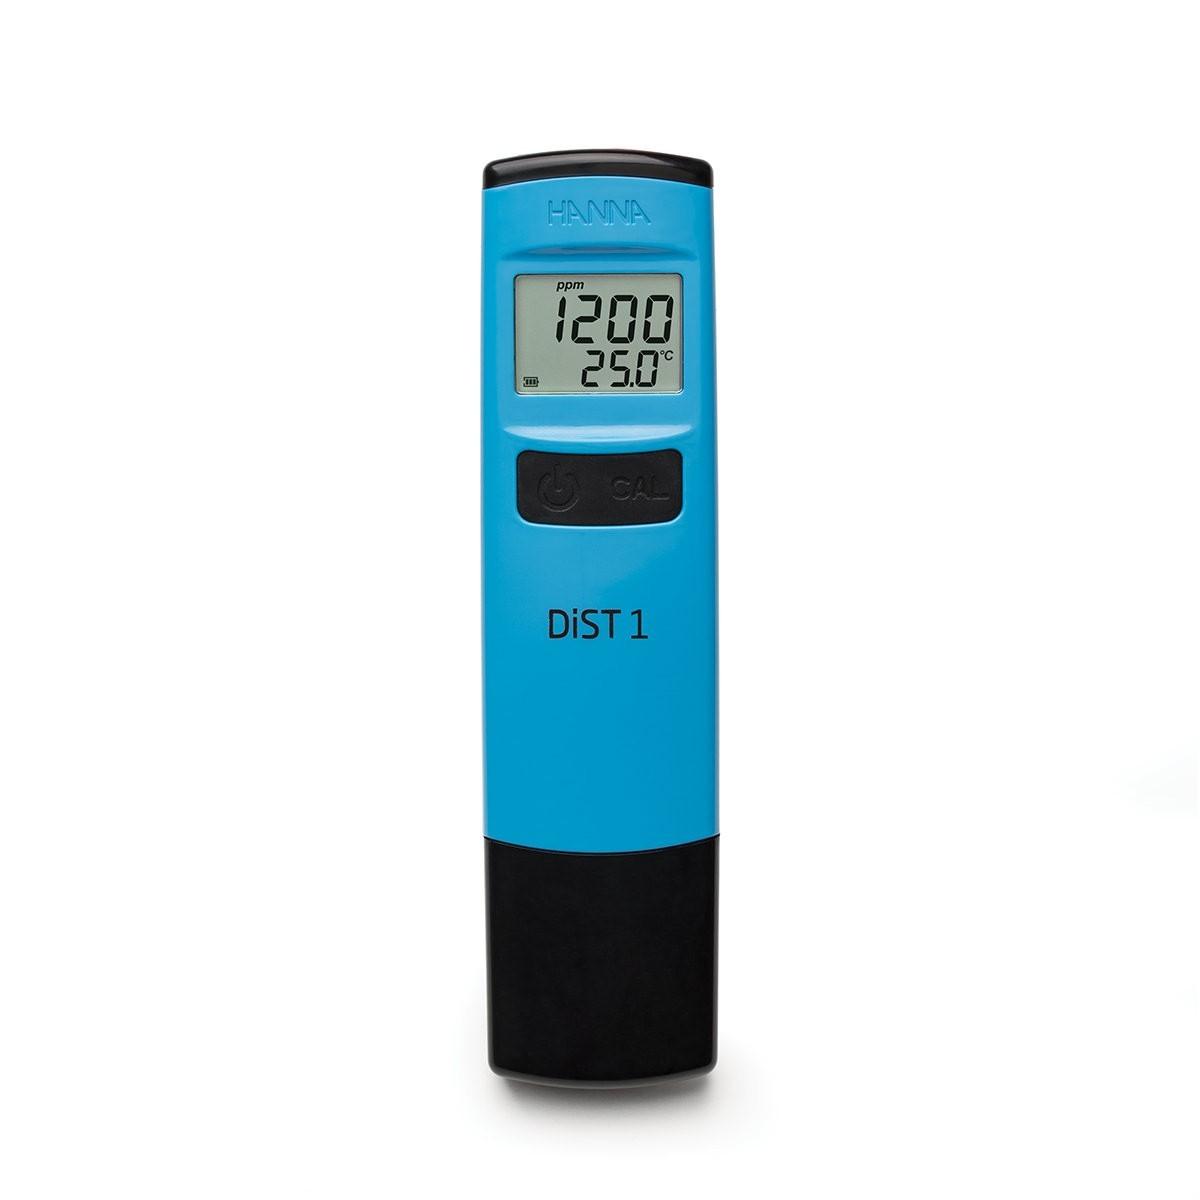 Bút đo TDS/ Nhiệt độ DIST1 HI98301 Hanna